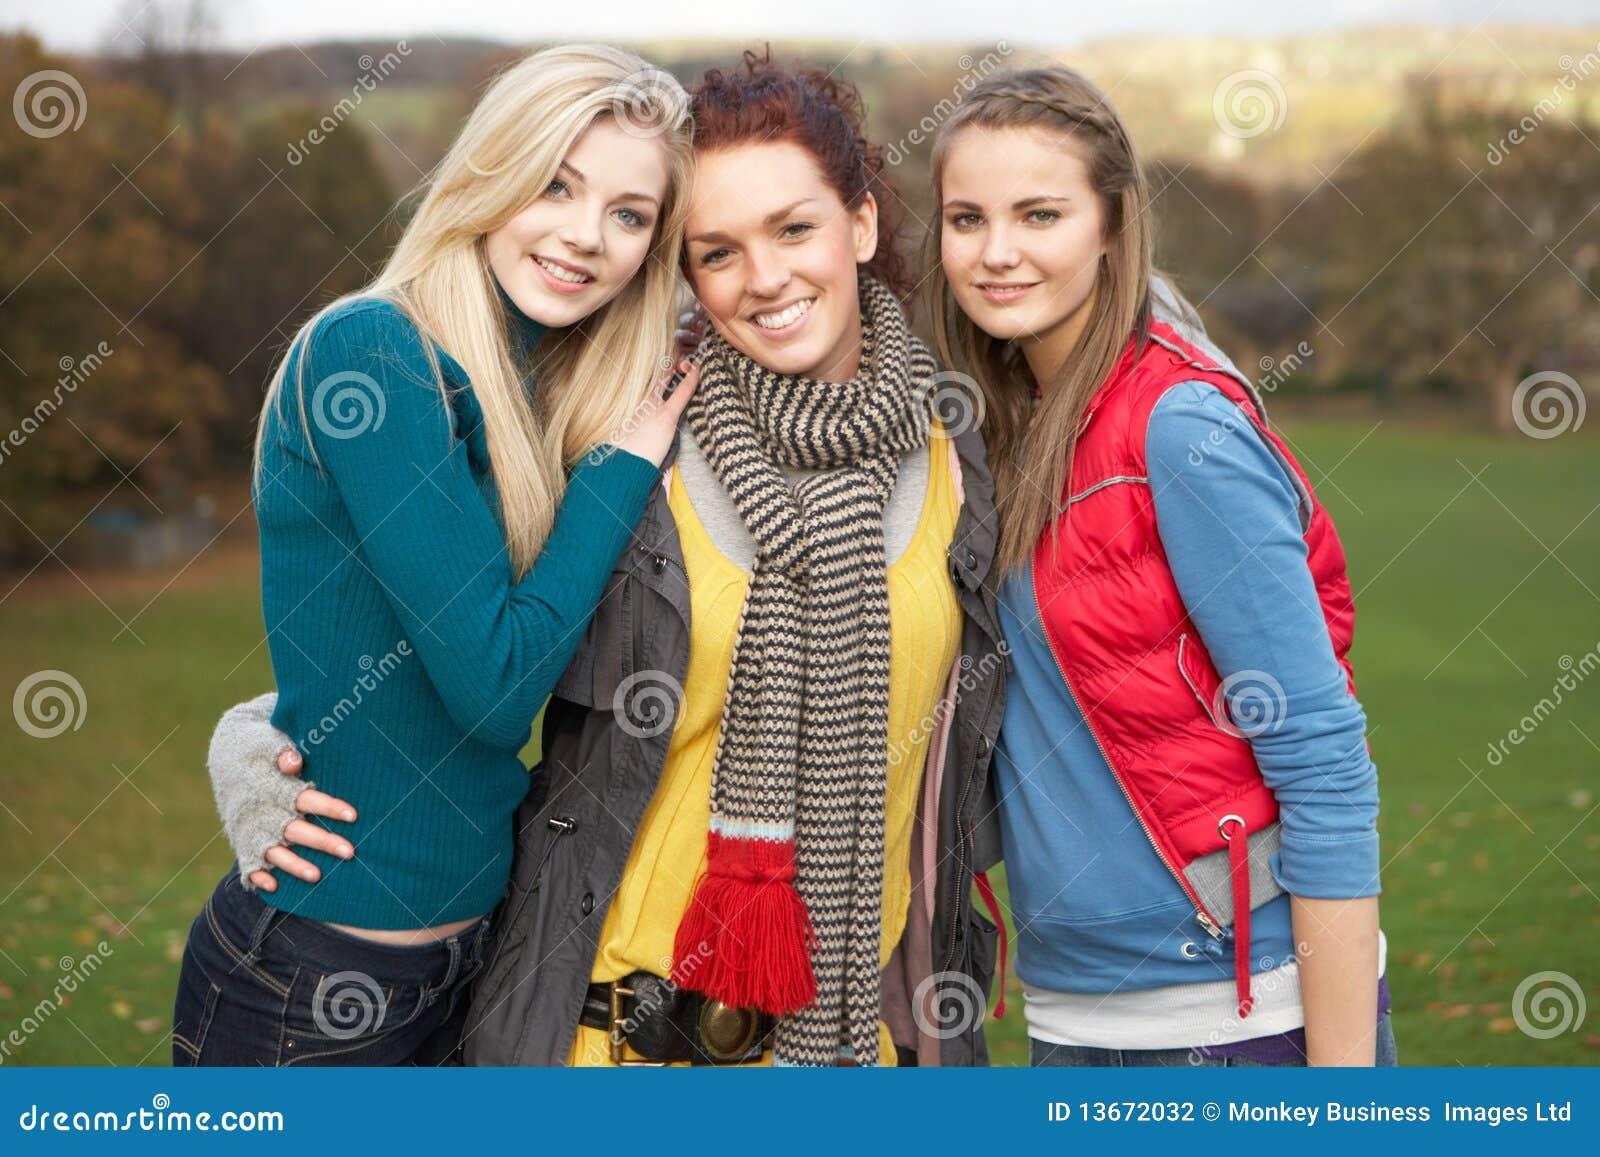 brunette teen group